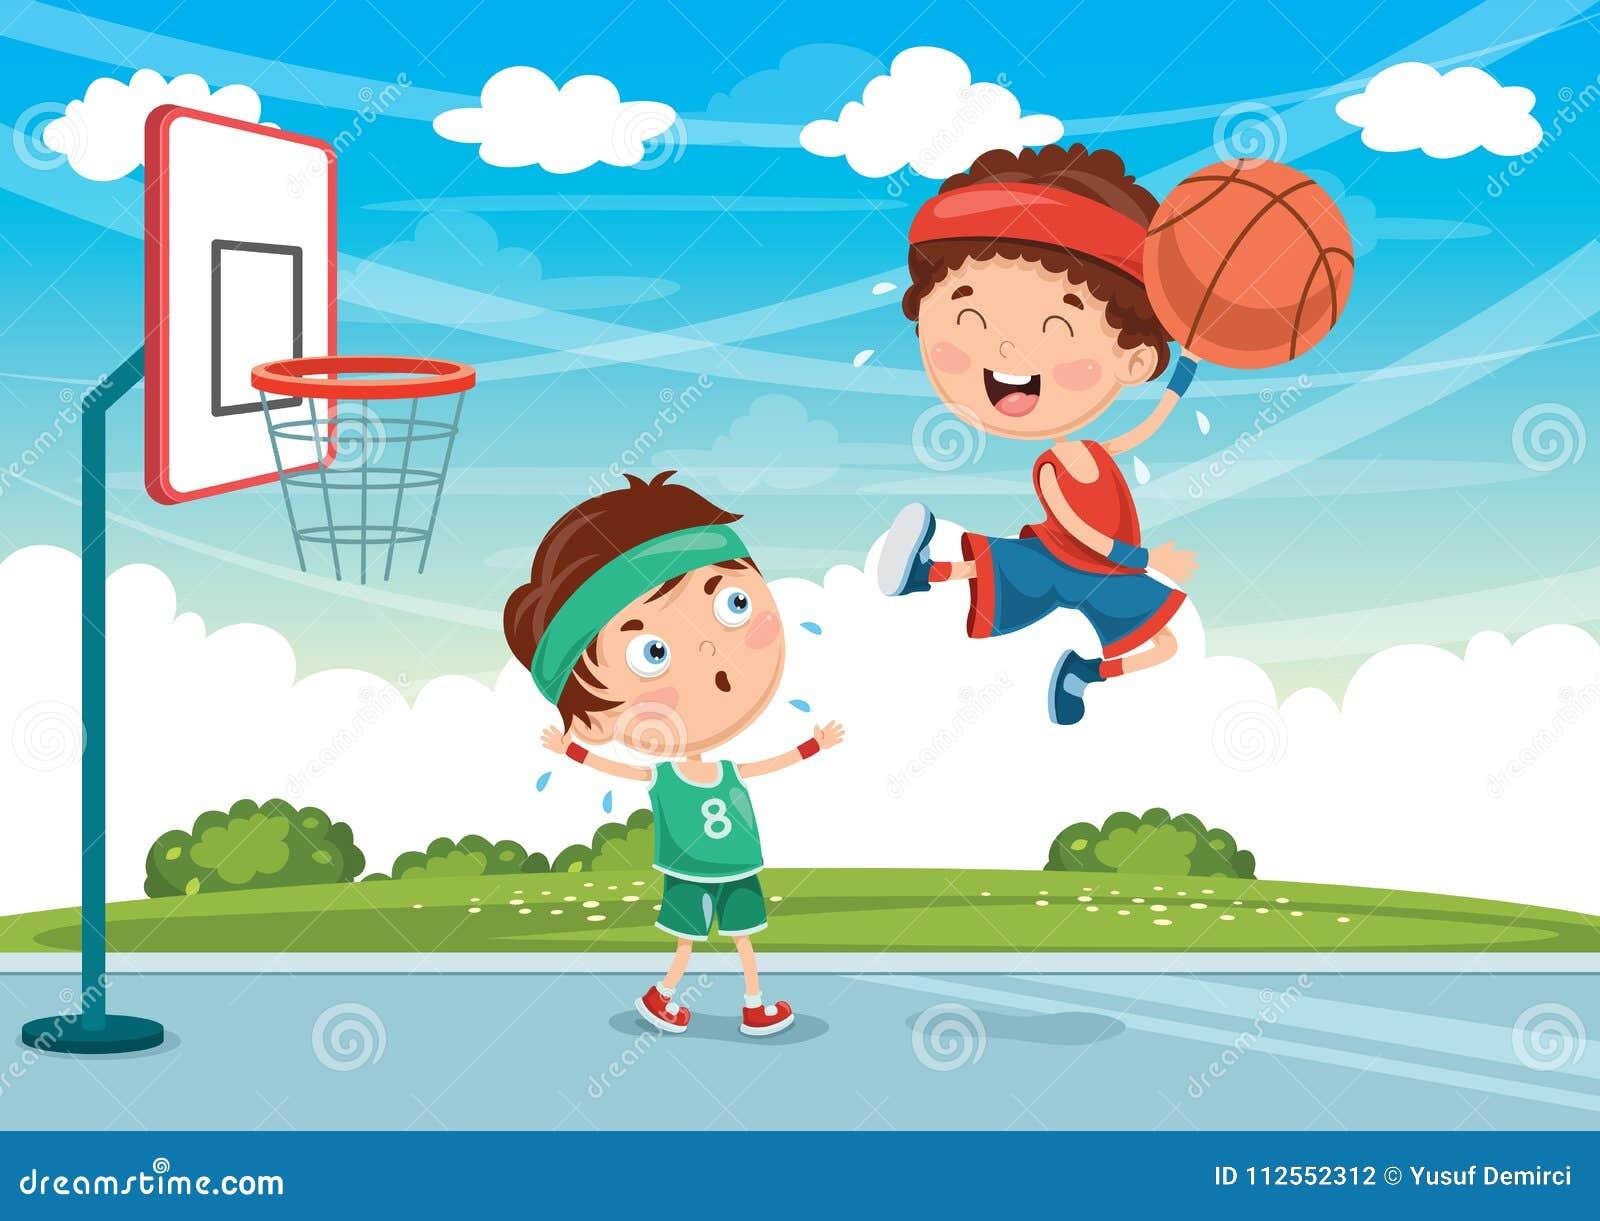 Illustrazione Di Vettore Dei Bambini Che Giocano Pallacanestro